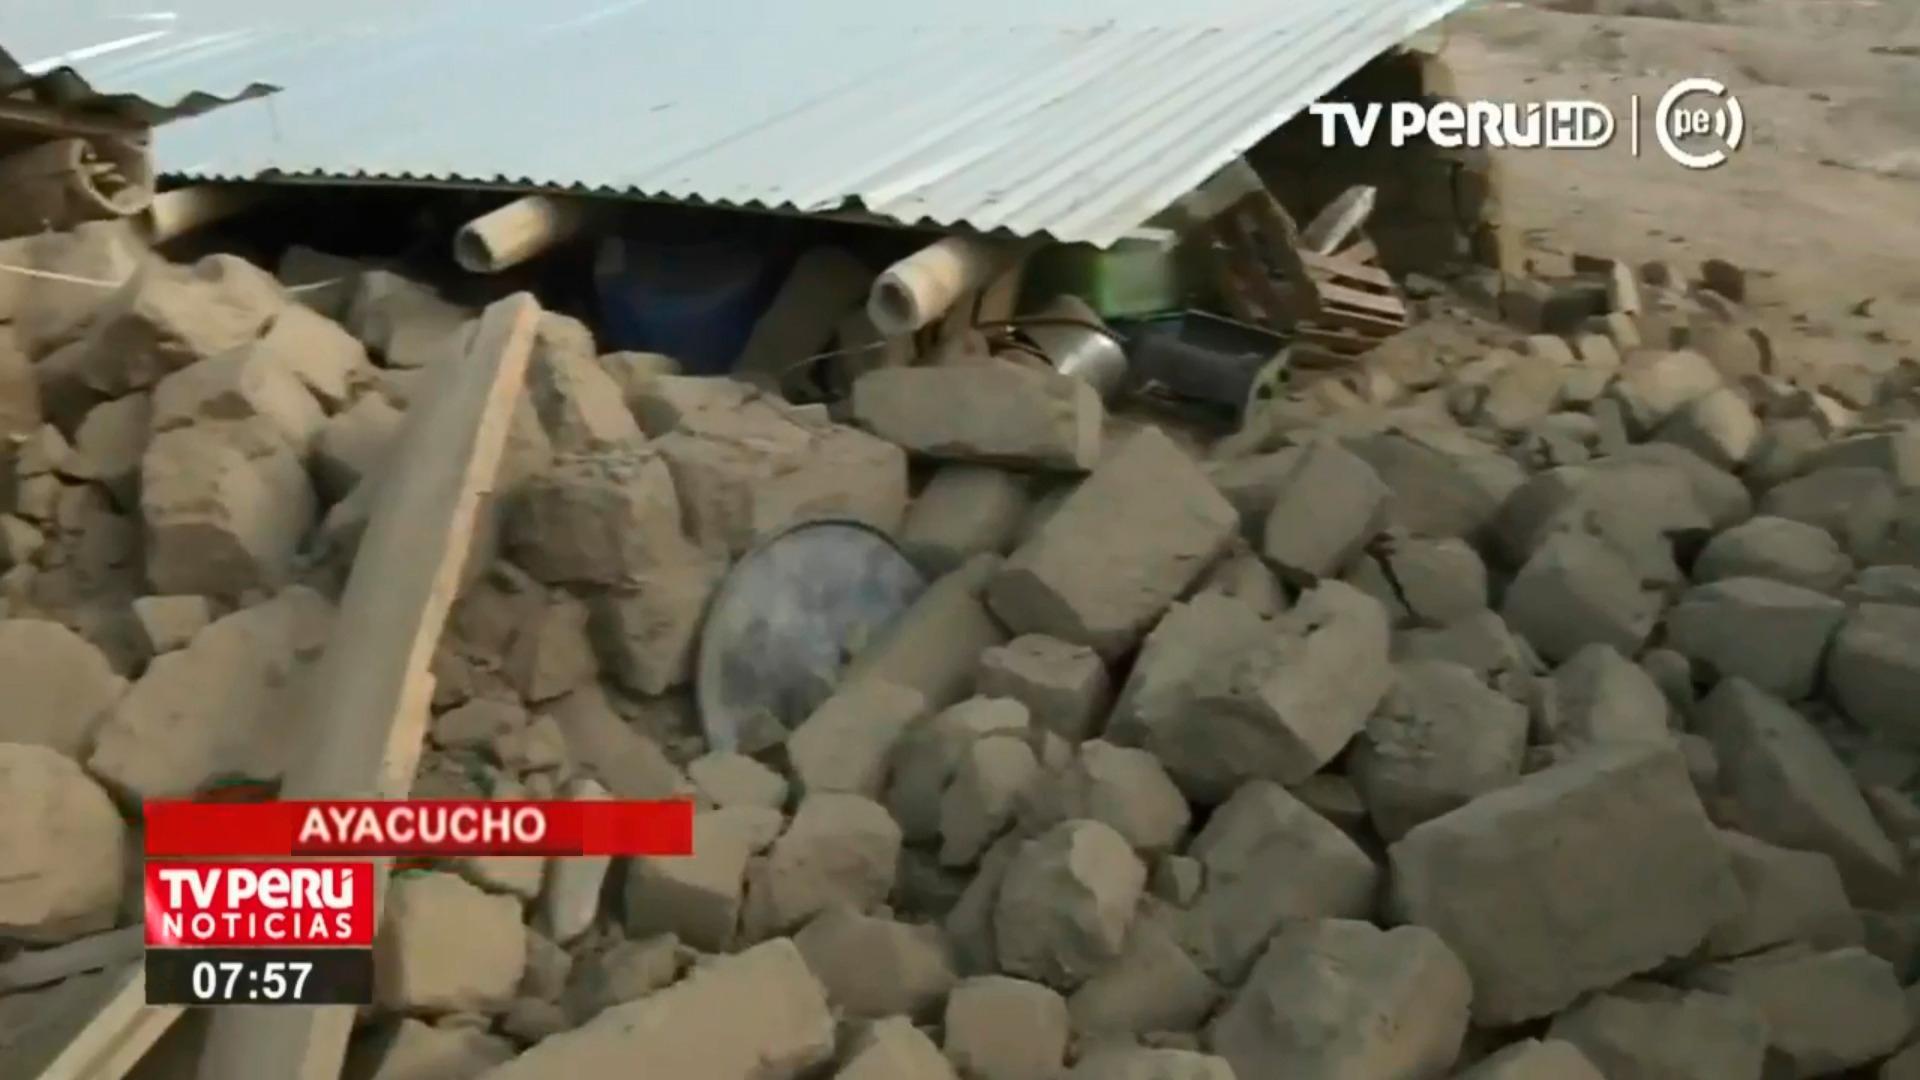 Las familias del centro problado de Relave, distrito de Pullo, provincia de Parinacochas en Ayacucho también sintieron los efectos del sismo.